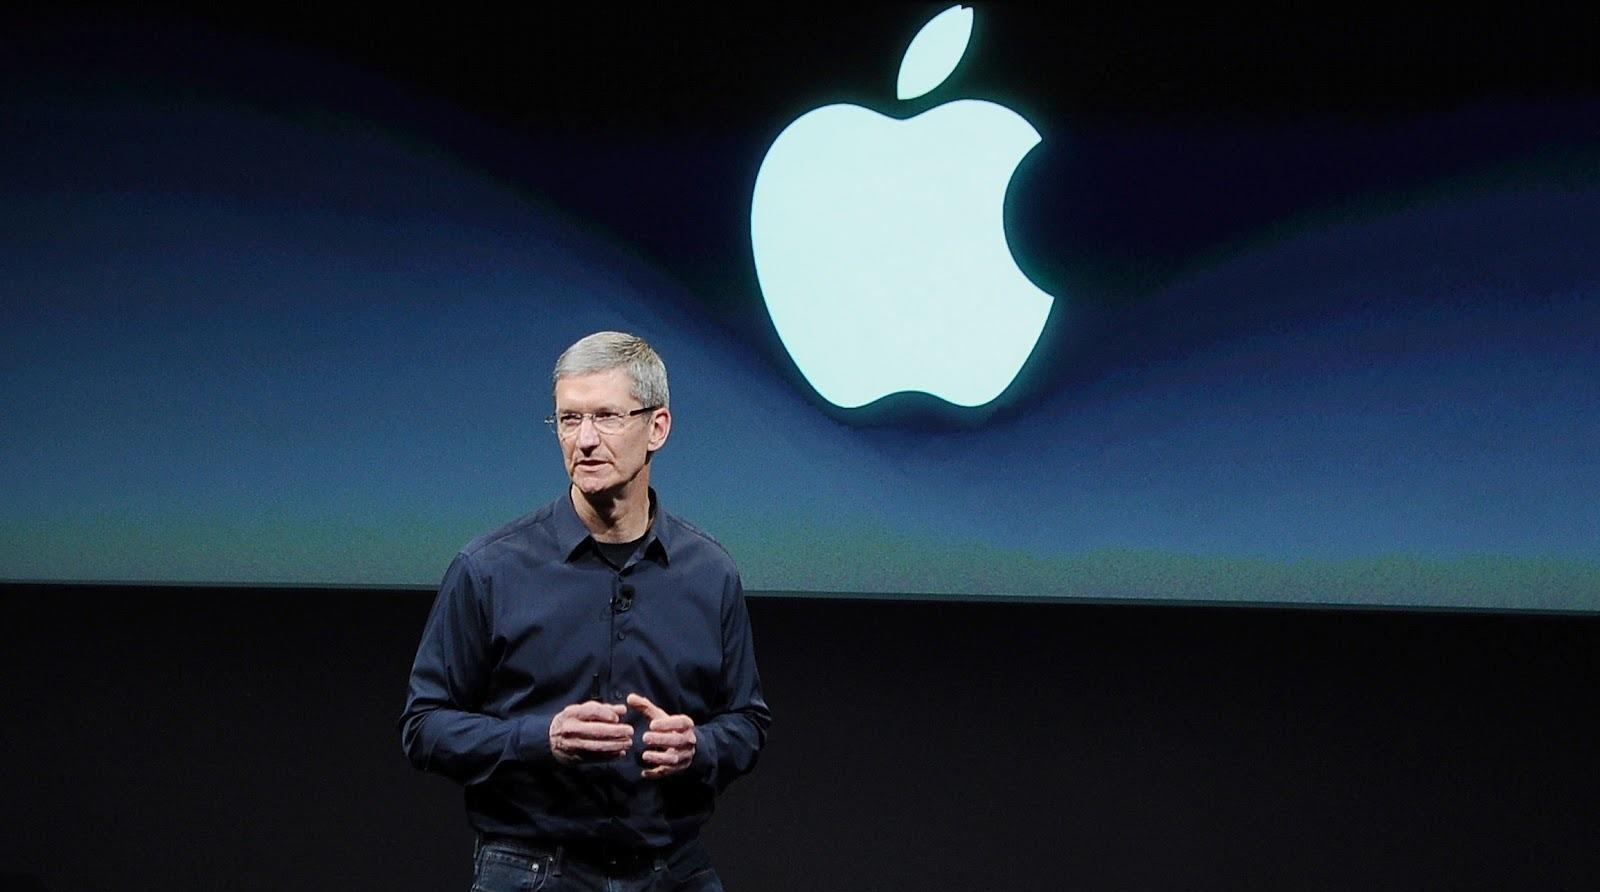 Présenté le 12, l'iPhone 8 sortirait le 22 septembre